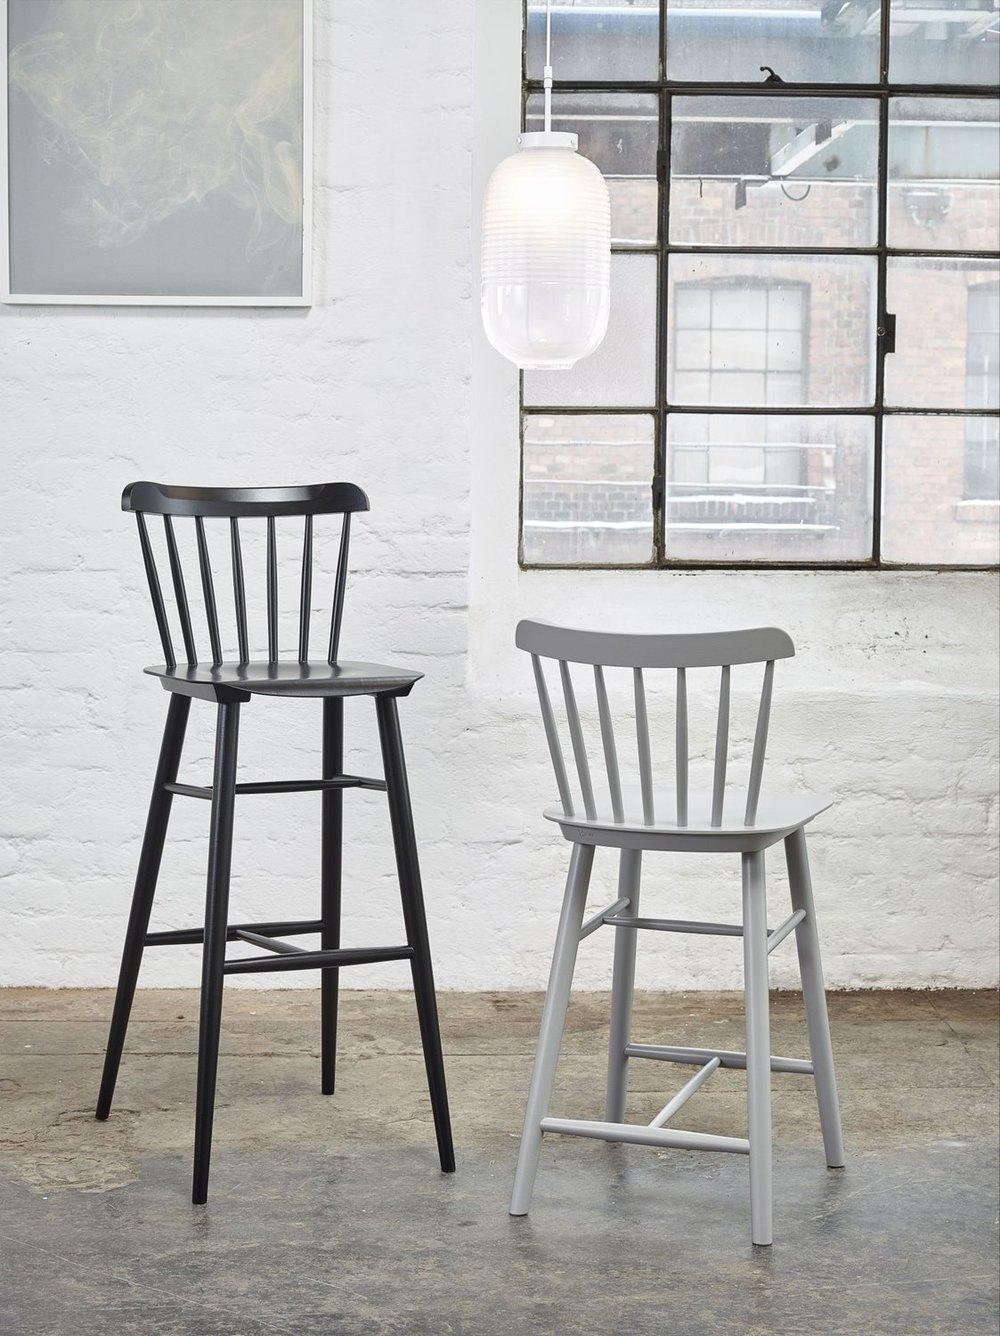 Barová židle Ironica ve vysoké a nízké variantě